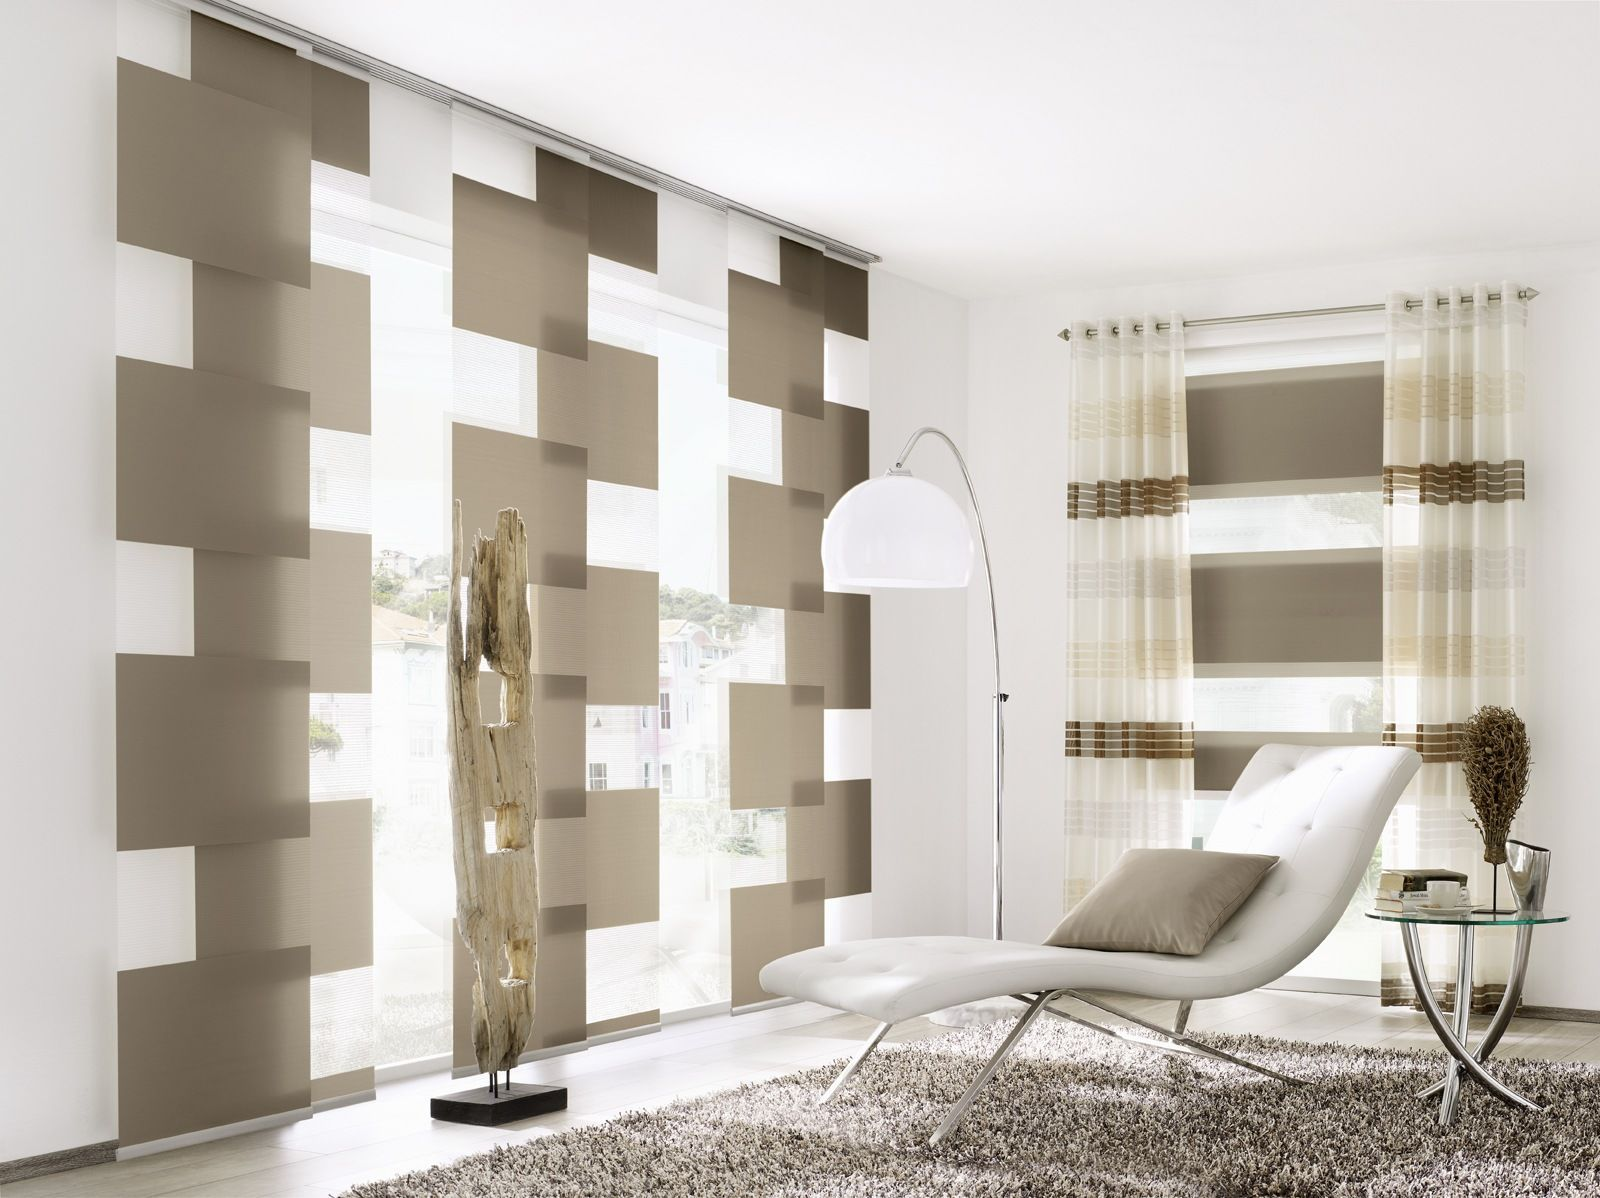 bildergebnis f r moderne gardinen wohnzimmer wohnzimmer. Black Bedroom Furniture Sets. Home Design Ideas